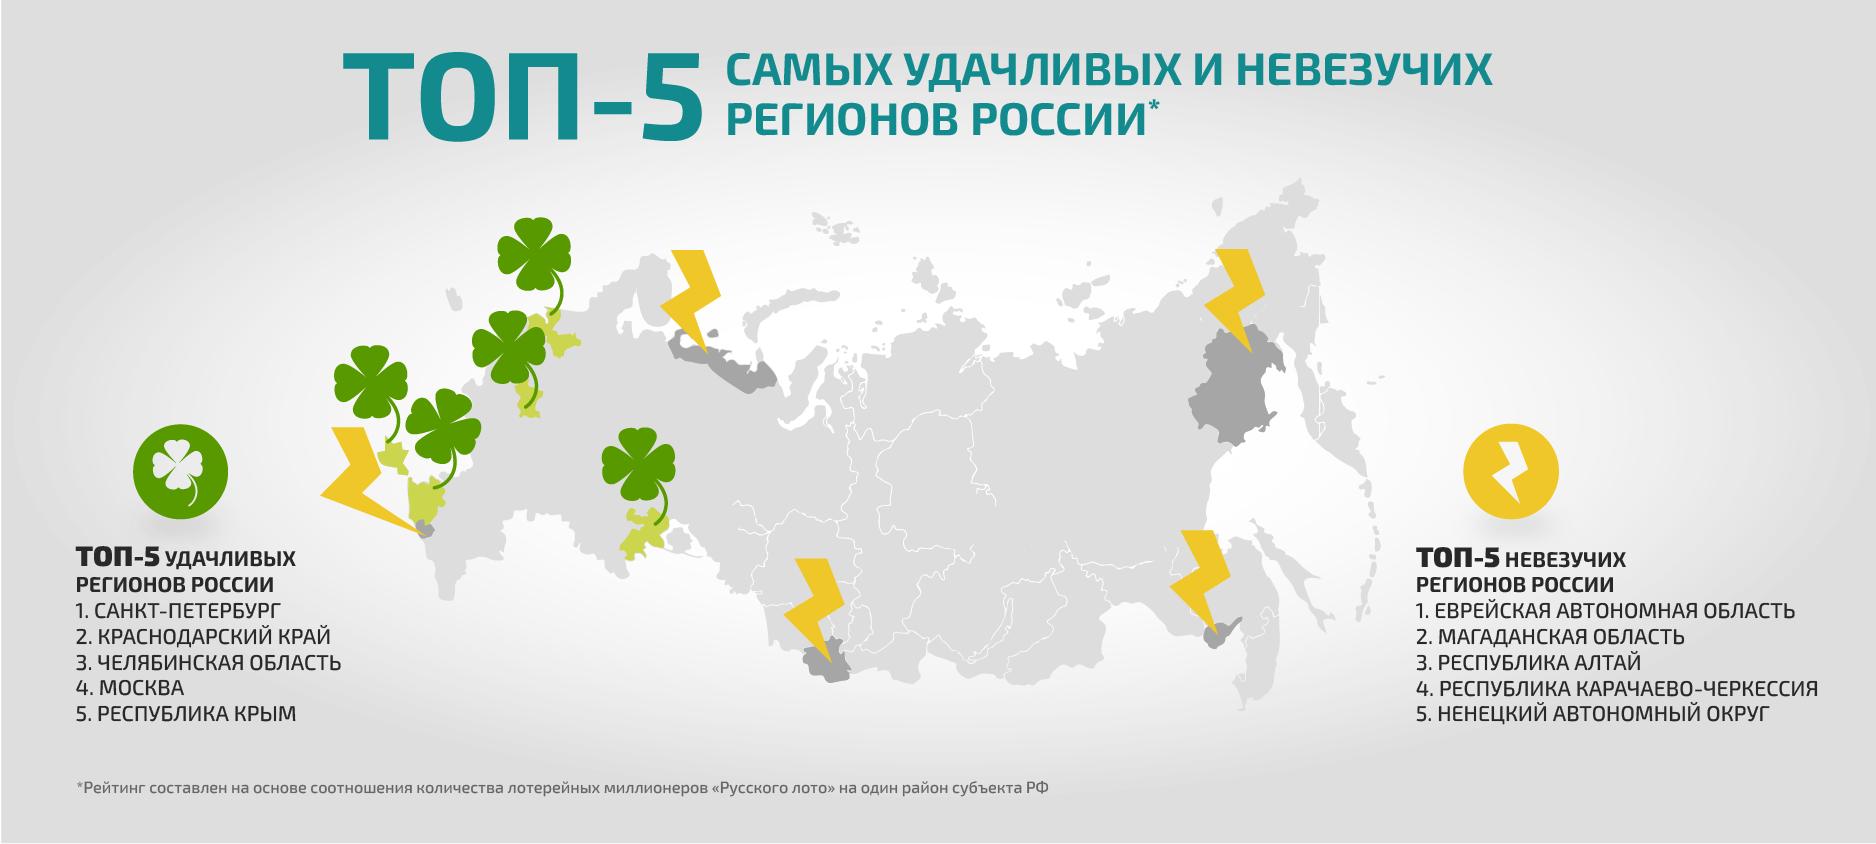 Las mayores ganancias de lotería en rusia: lista y hechos interesantes